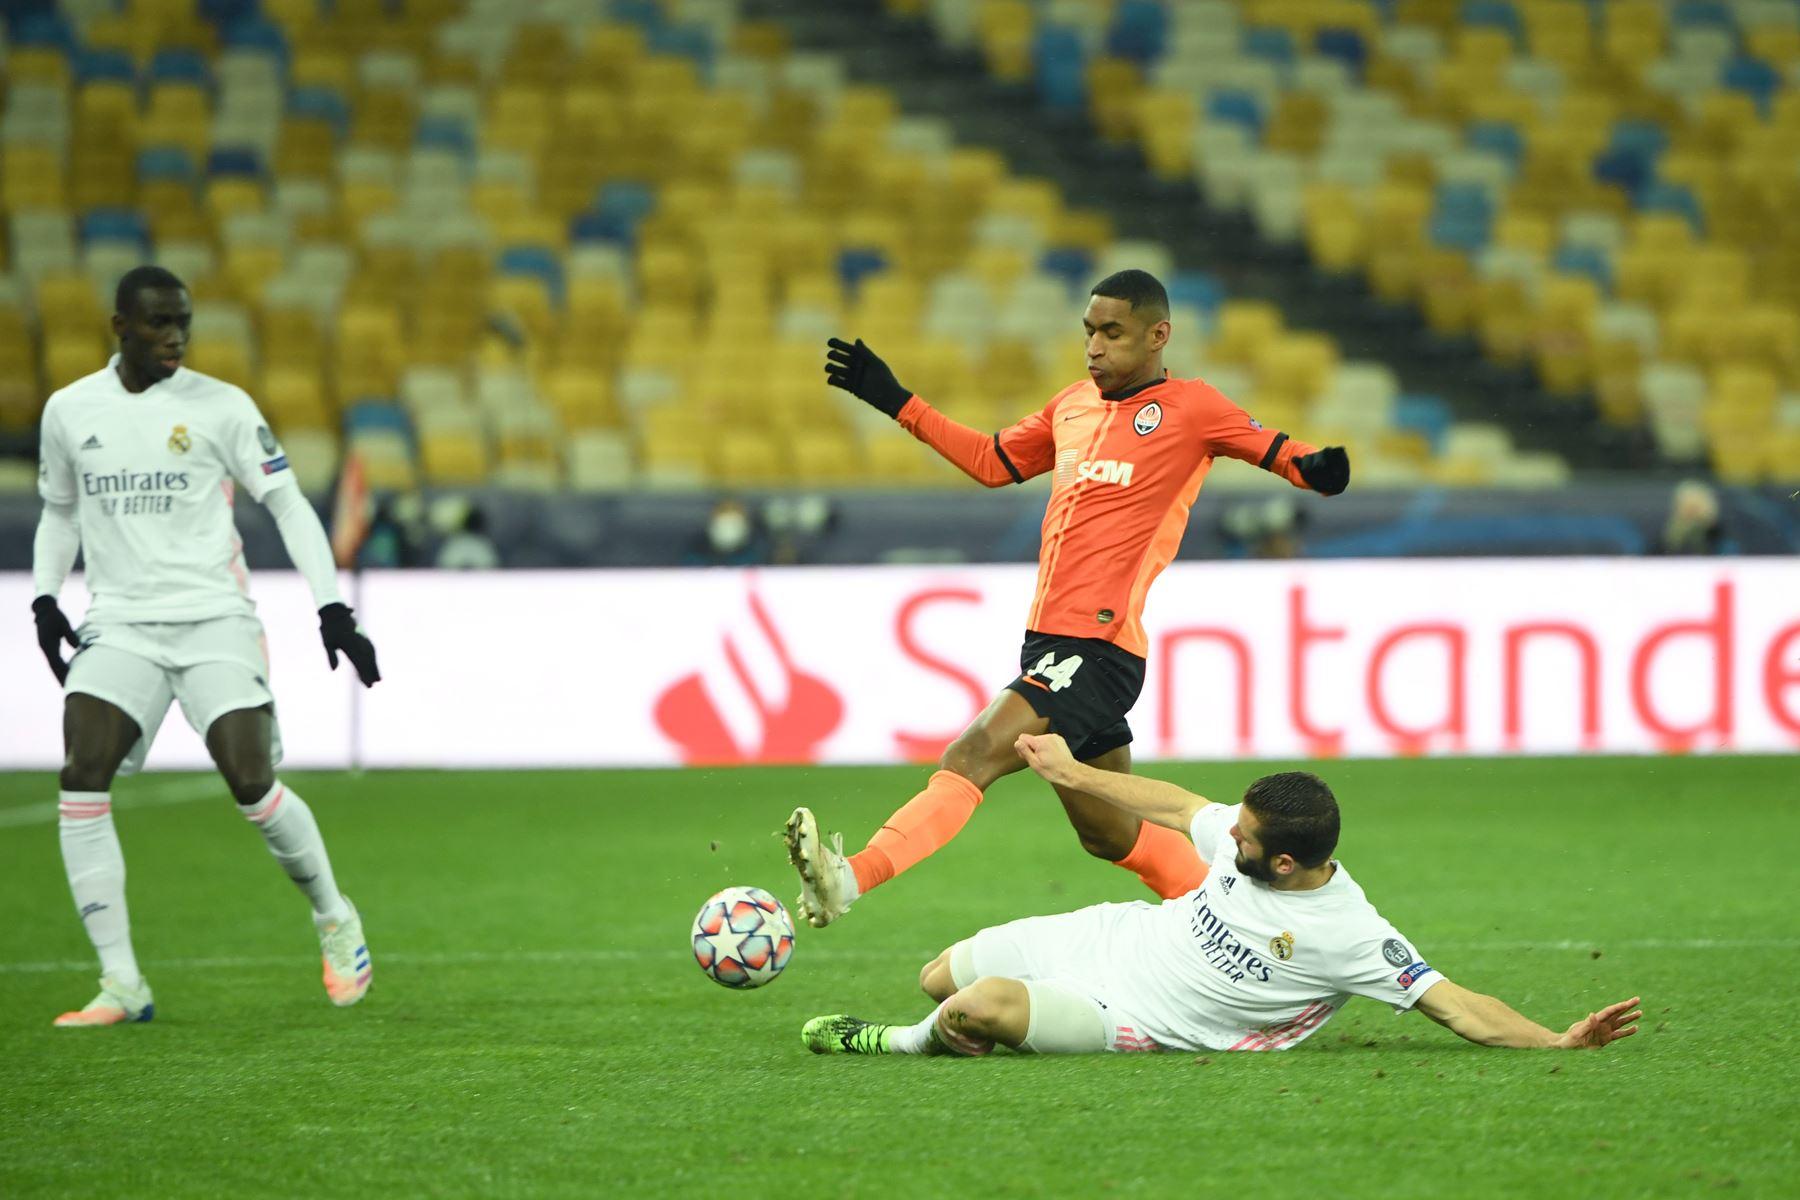 El delantero brasileño del Shakhtar Donetsk, Tete, lucha por el balón con el defensor español del Real Madrid, Nacho Fernández, durante el partido6de fútbol del Grupo B de la Liga de Campeones de la UEFA. Foto: AFP